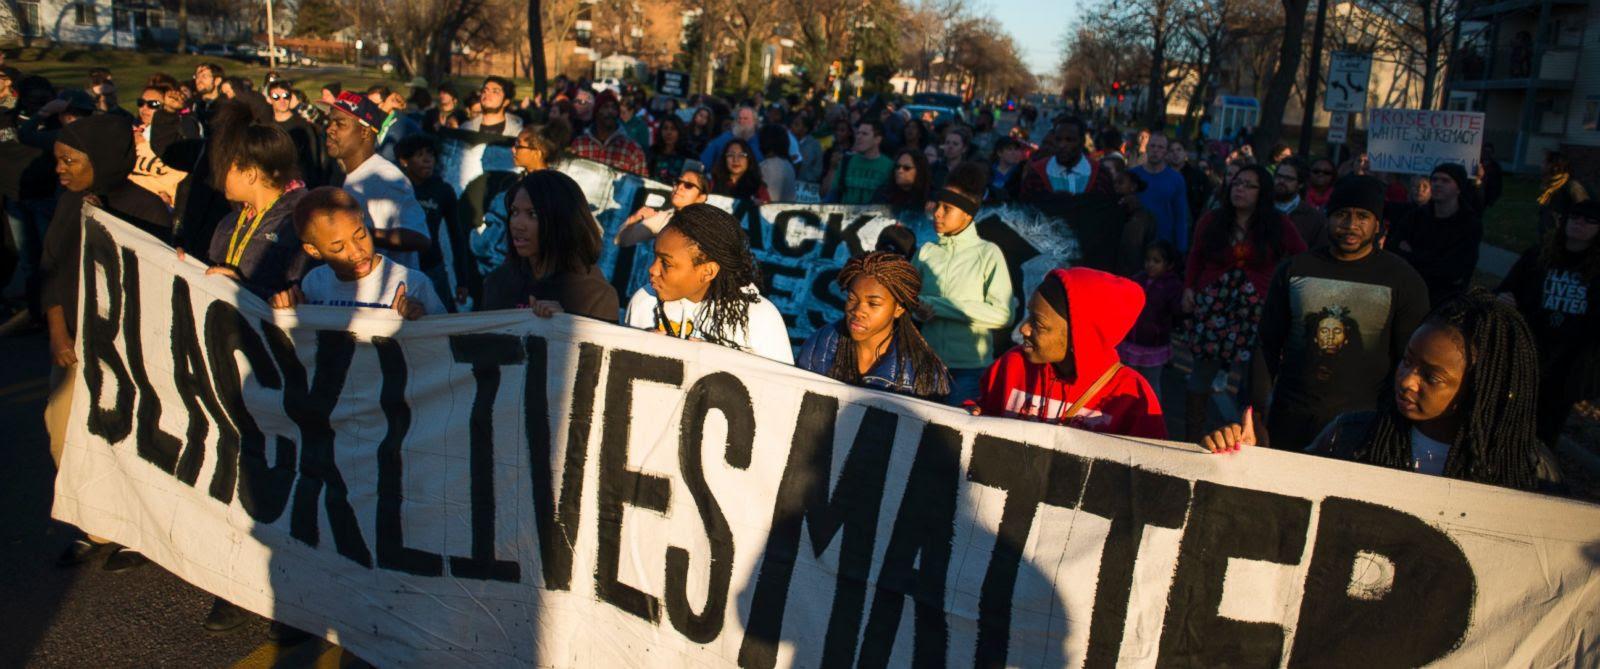 Black Lives Matter Wide Banner